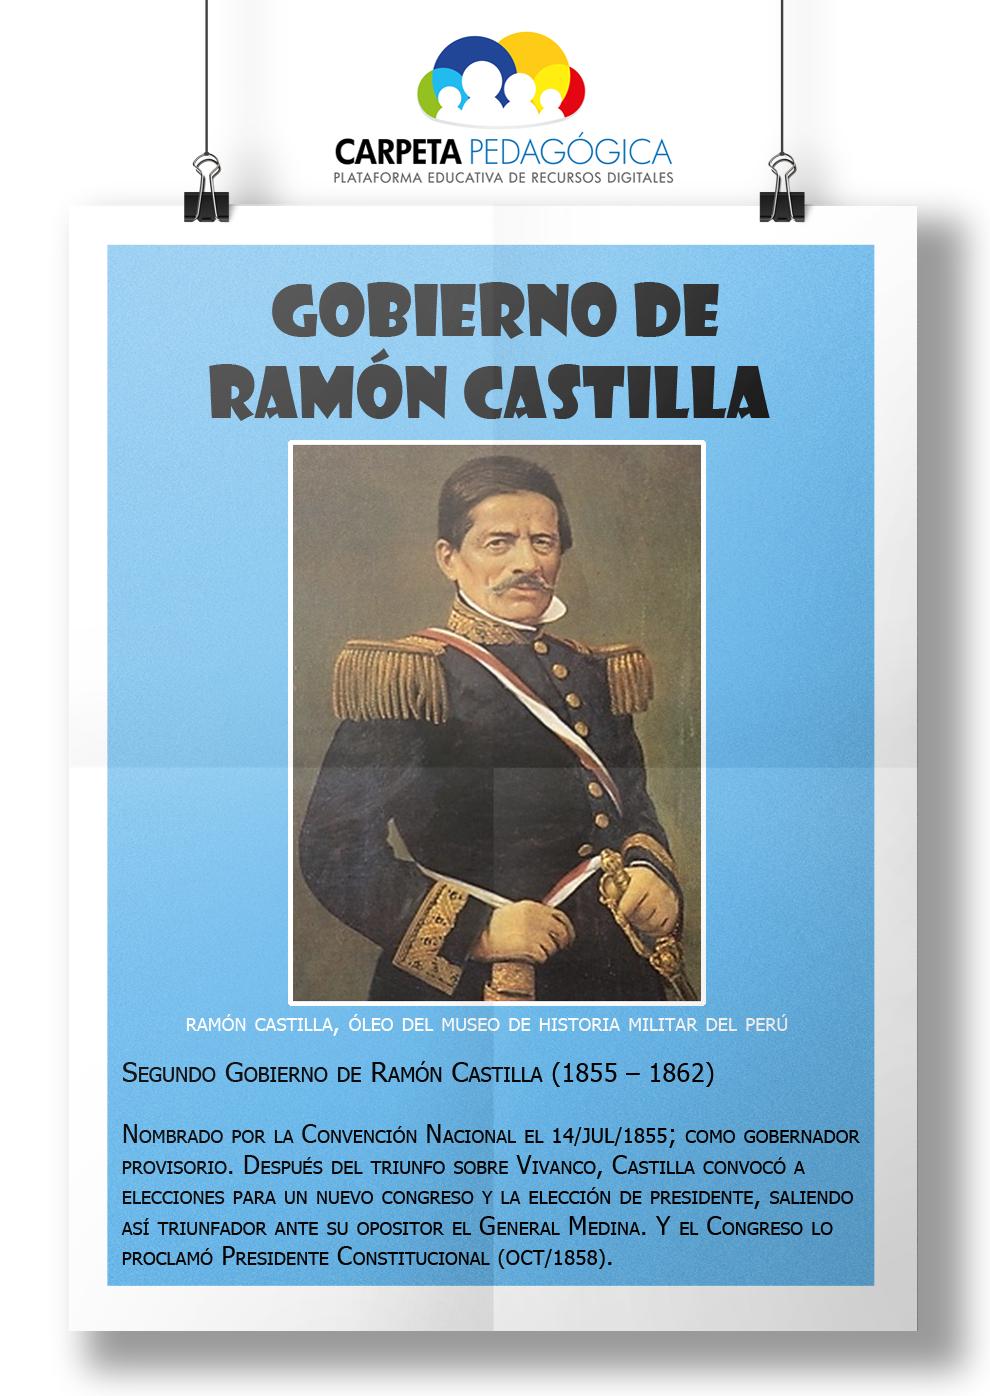 Segundo Gobierno de Ramón Castilla (1855 �C 1862)